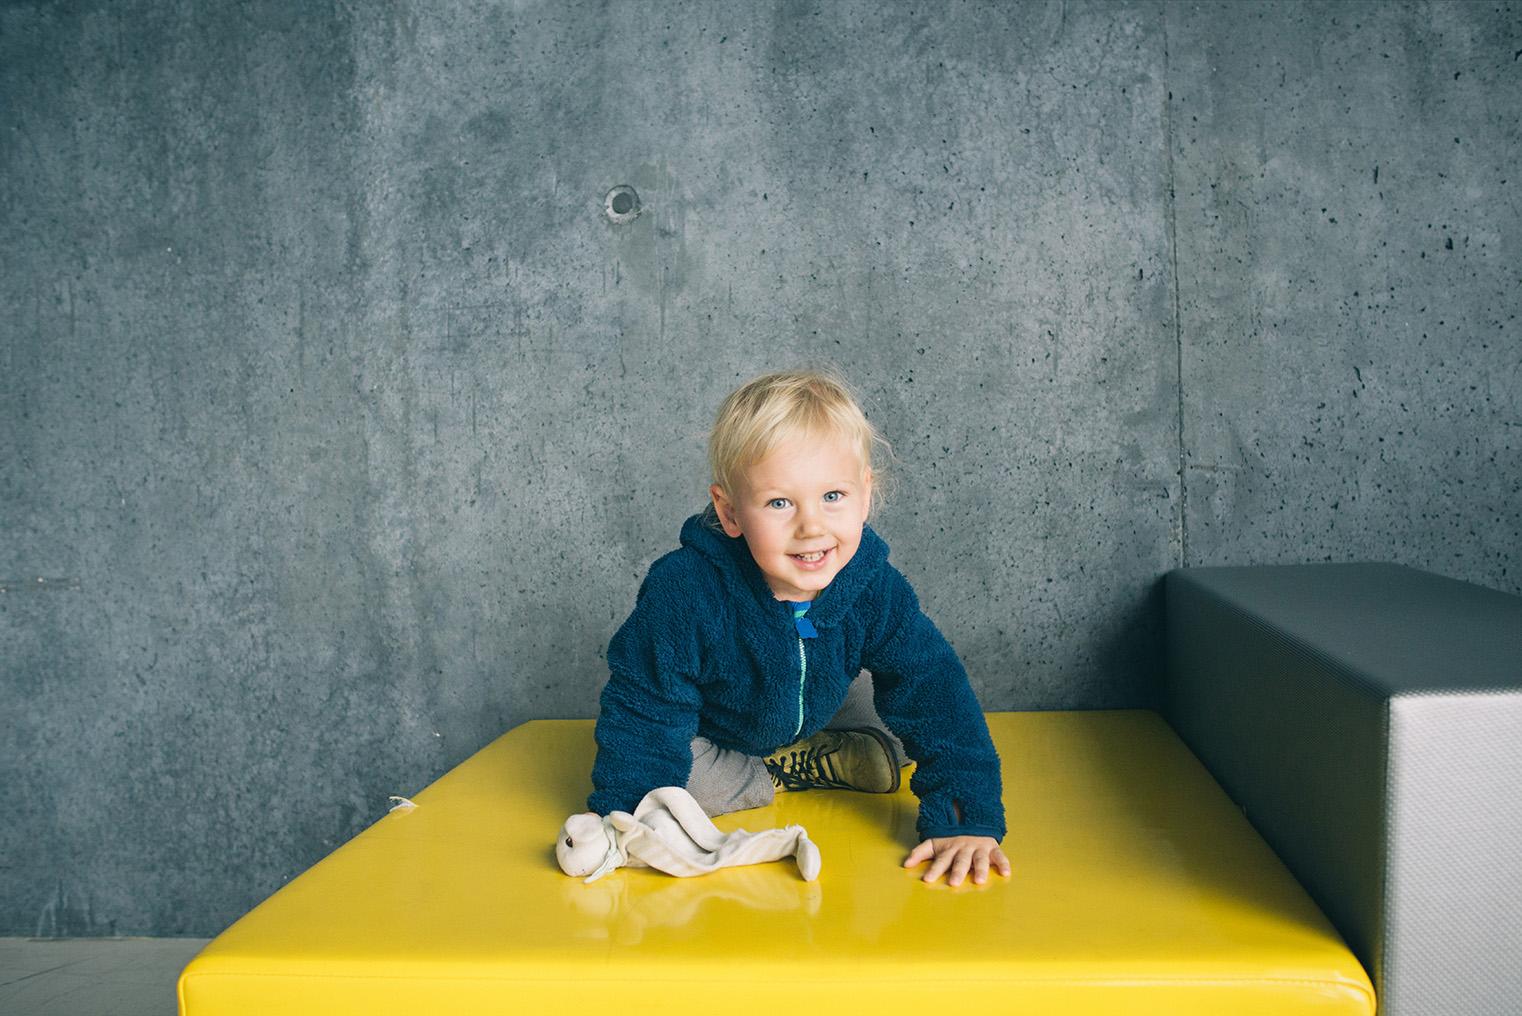 06B.Opera HARPA -Reykjavik - Islandia - podroz z dzieciem